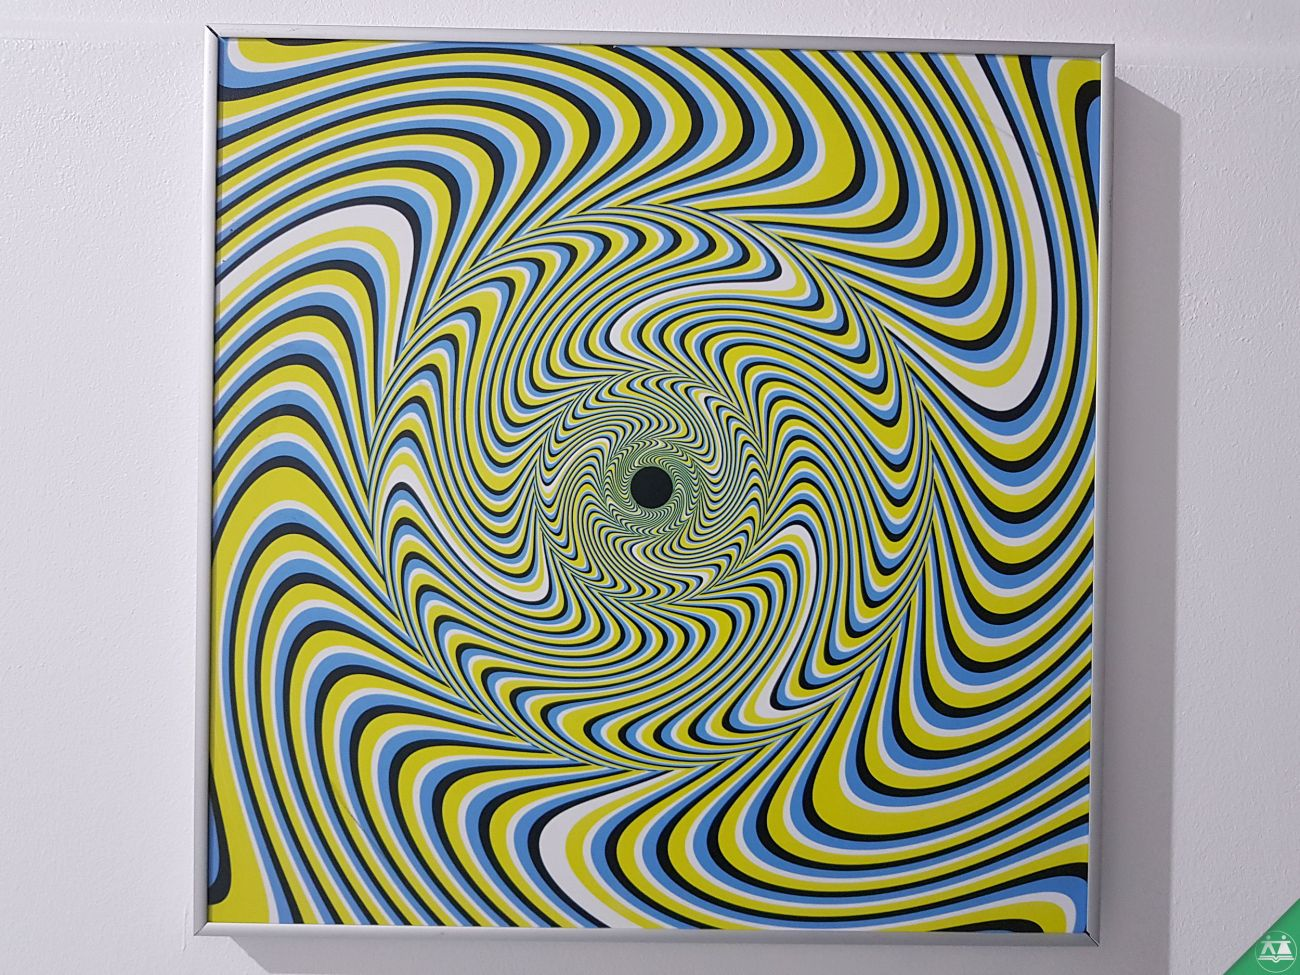 Hisa-poliedrov-drzavni-zbor-hisa-iluzij-042